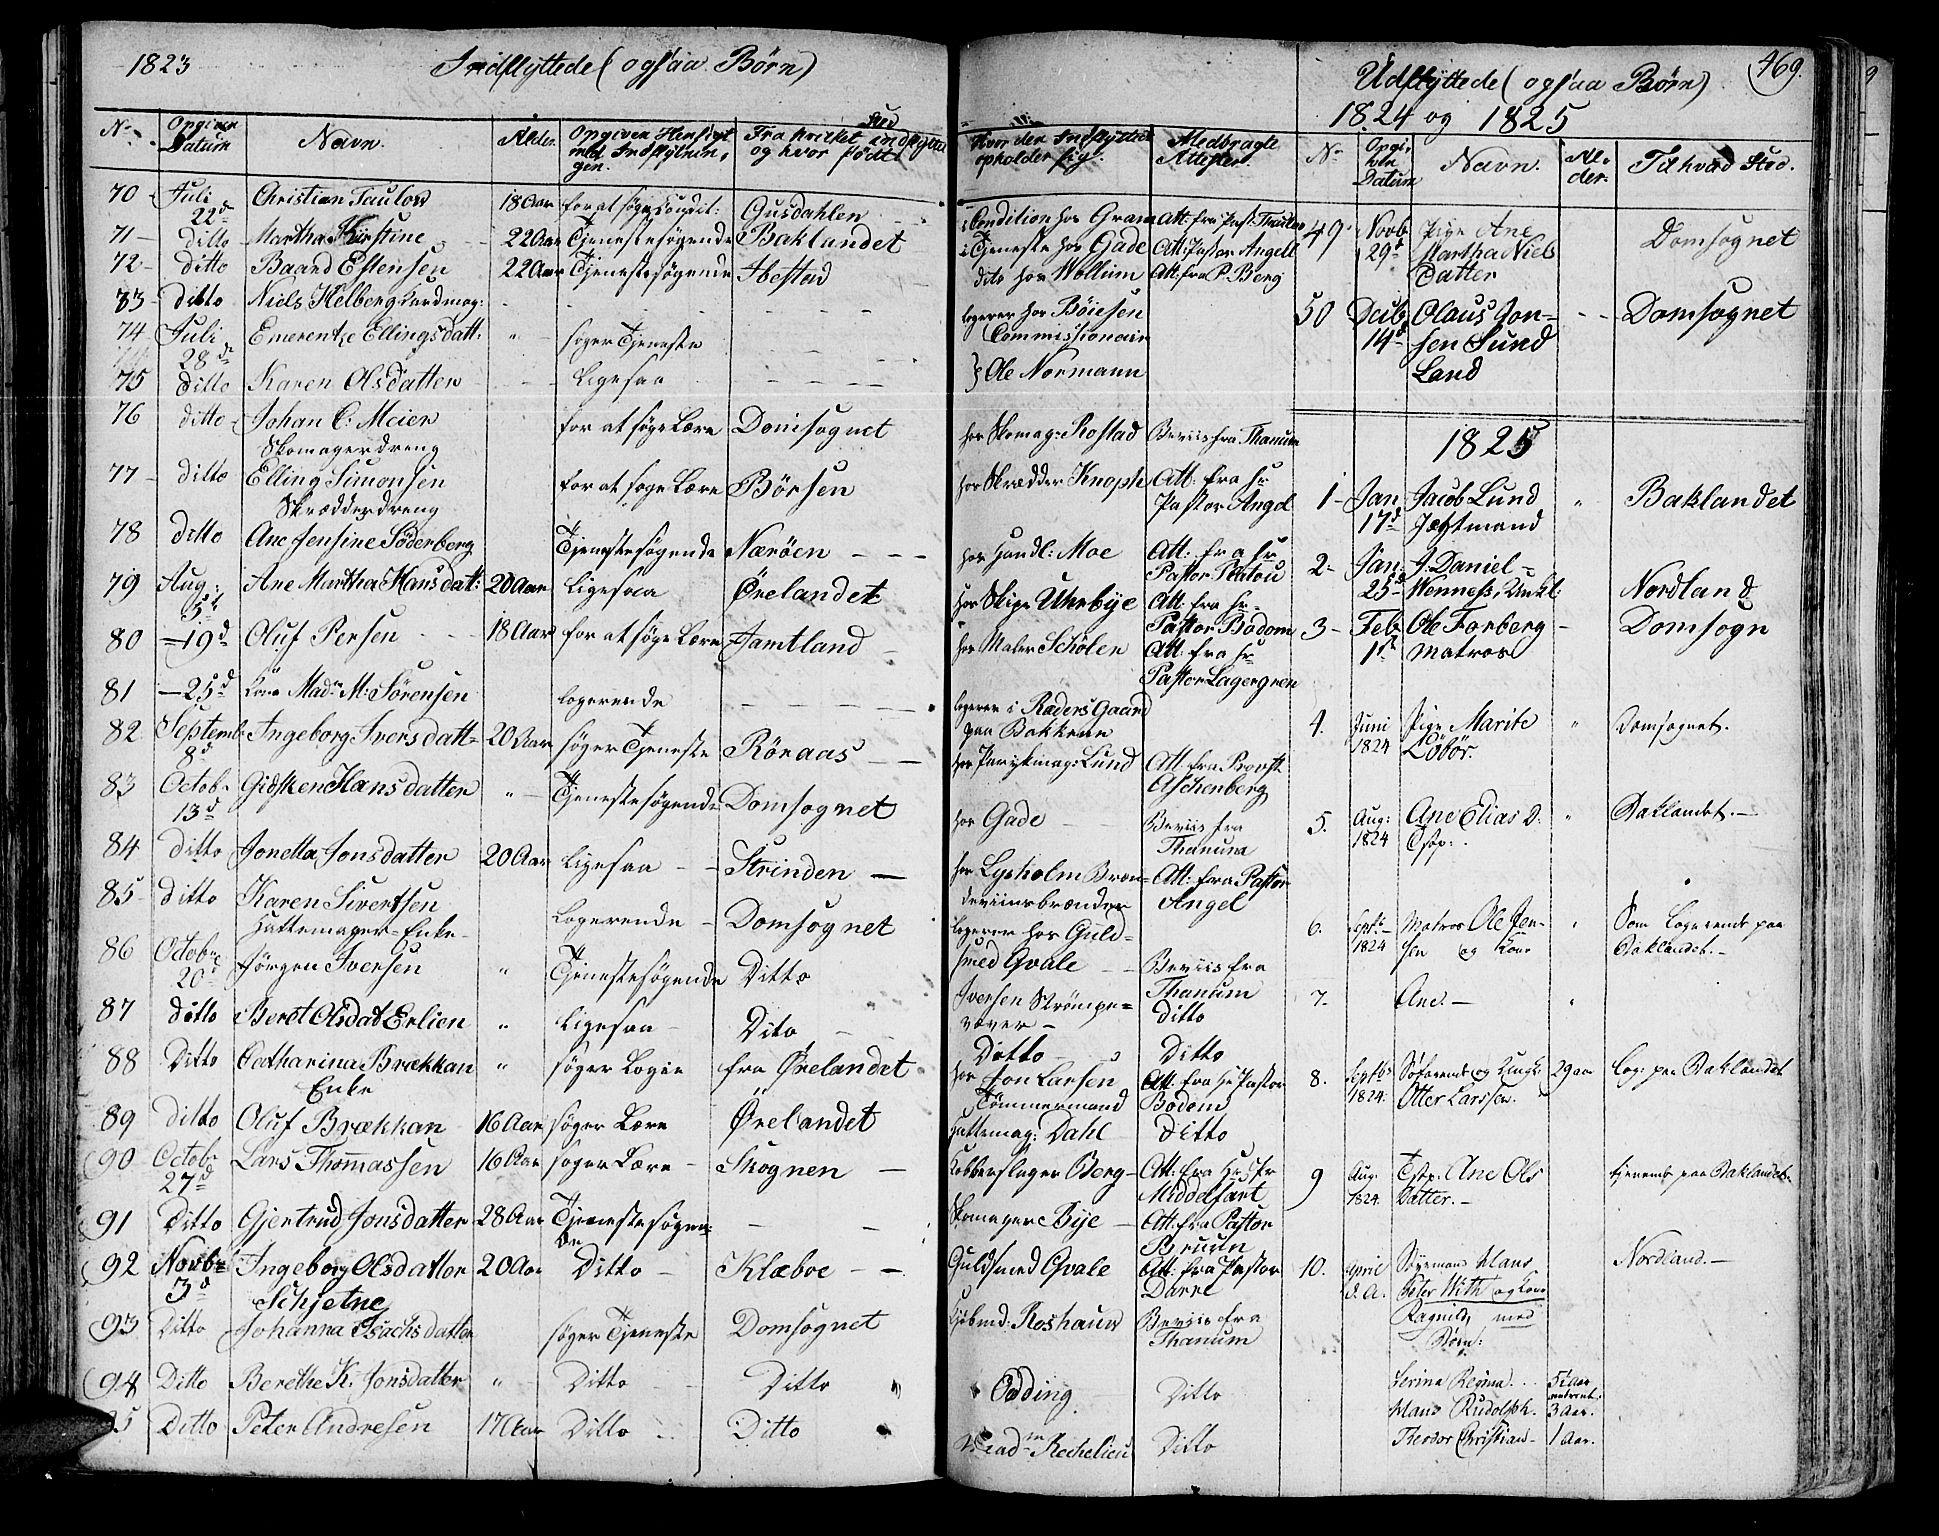 SAT, Ministerialprotokoller, klokkerbøker og fødselsregistre - Sør-Trøndelag, 602/L0109: Ministerialbok nr. 602A07, 1821-1840, s. 469